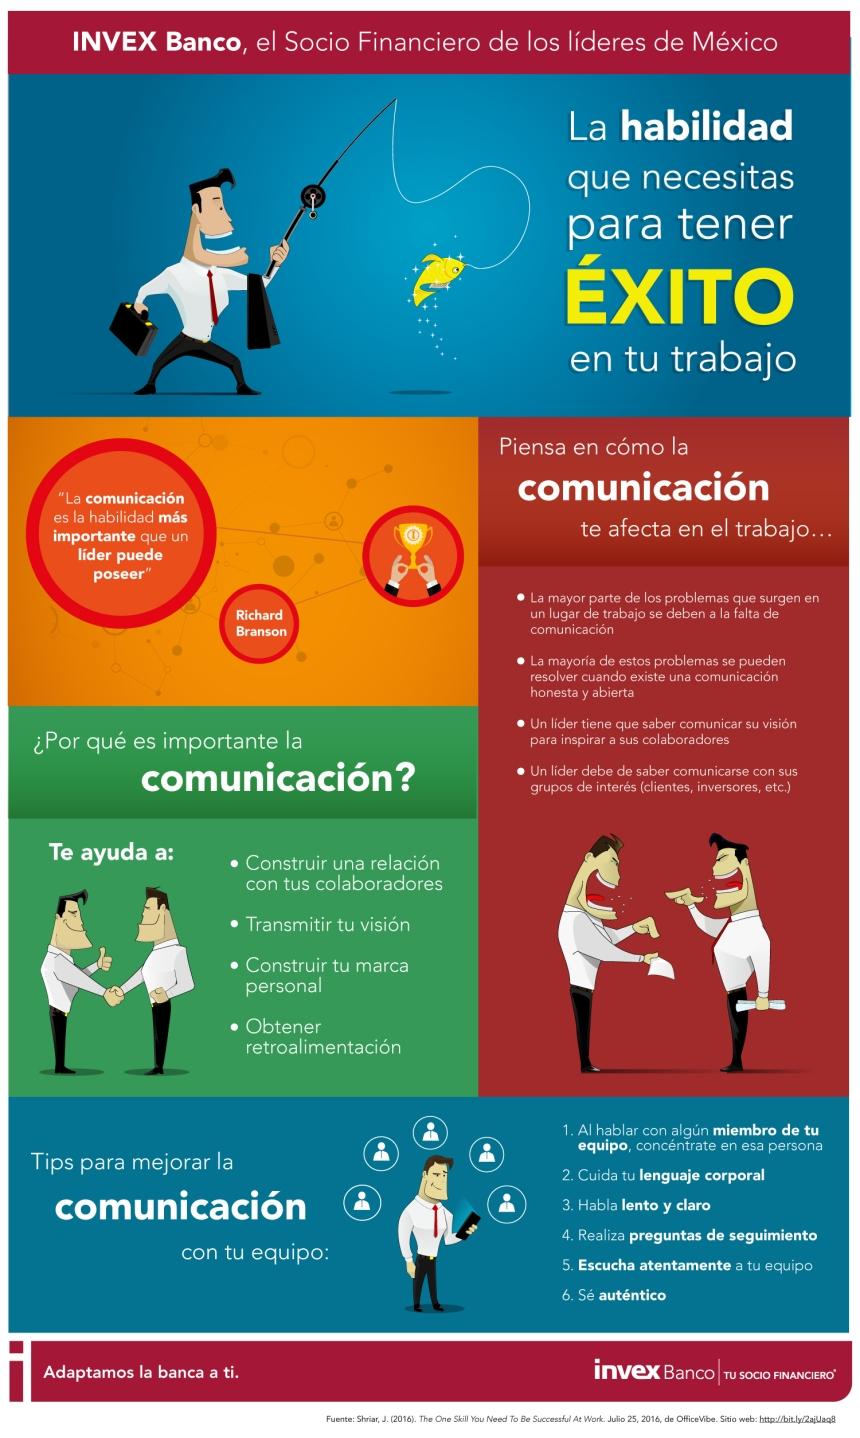 Comunicación: la habilidad que necesitas para tener éxito en tu trabajo